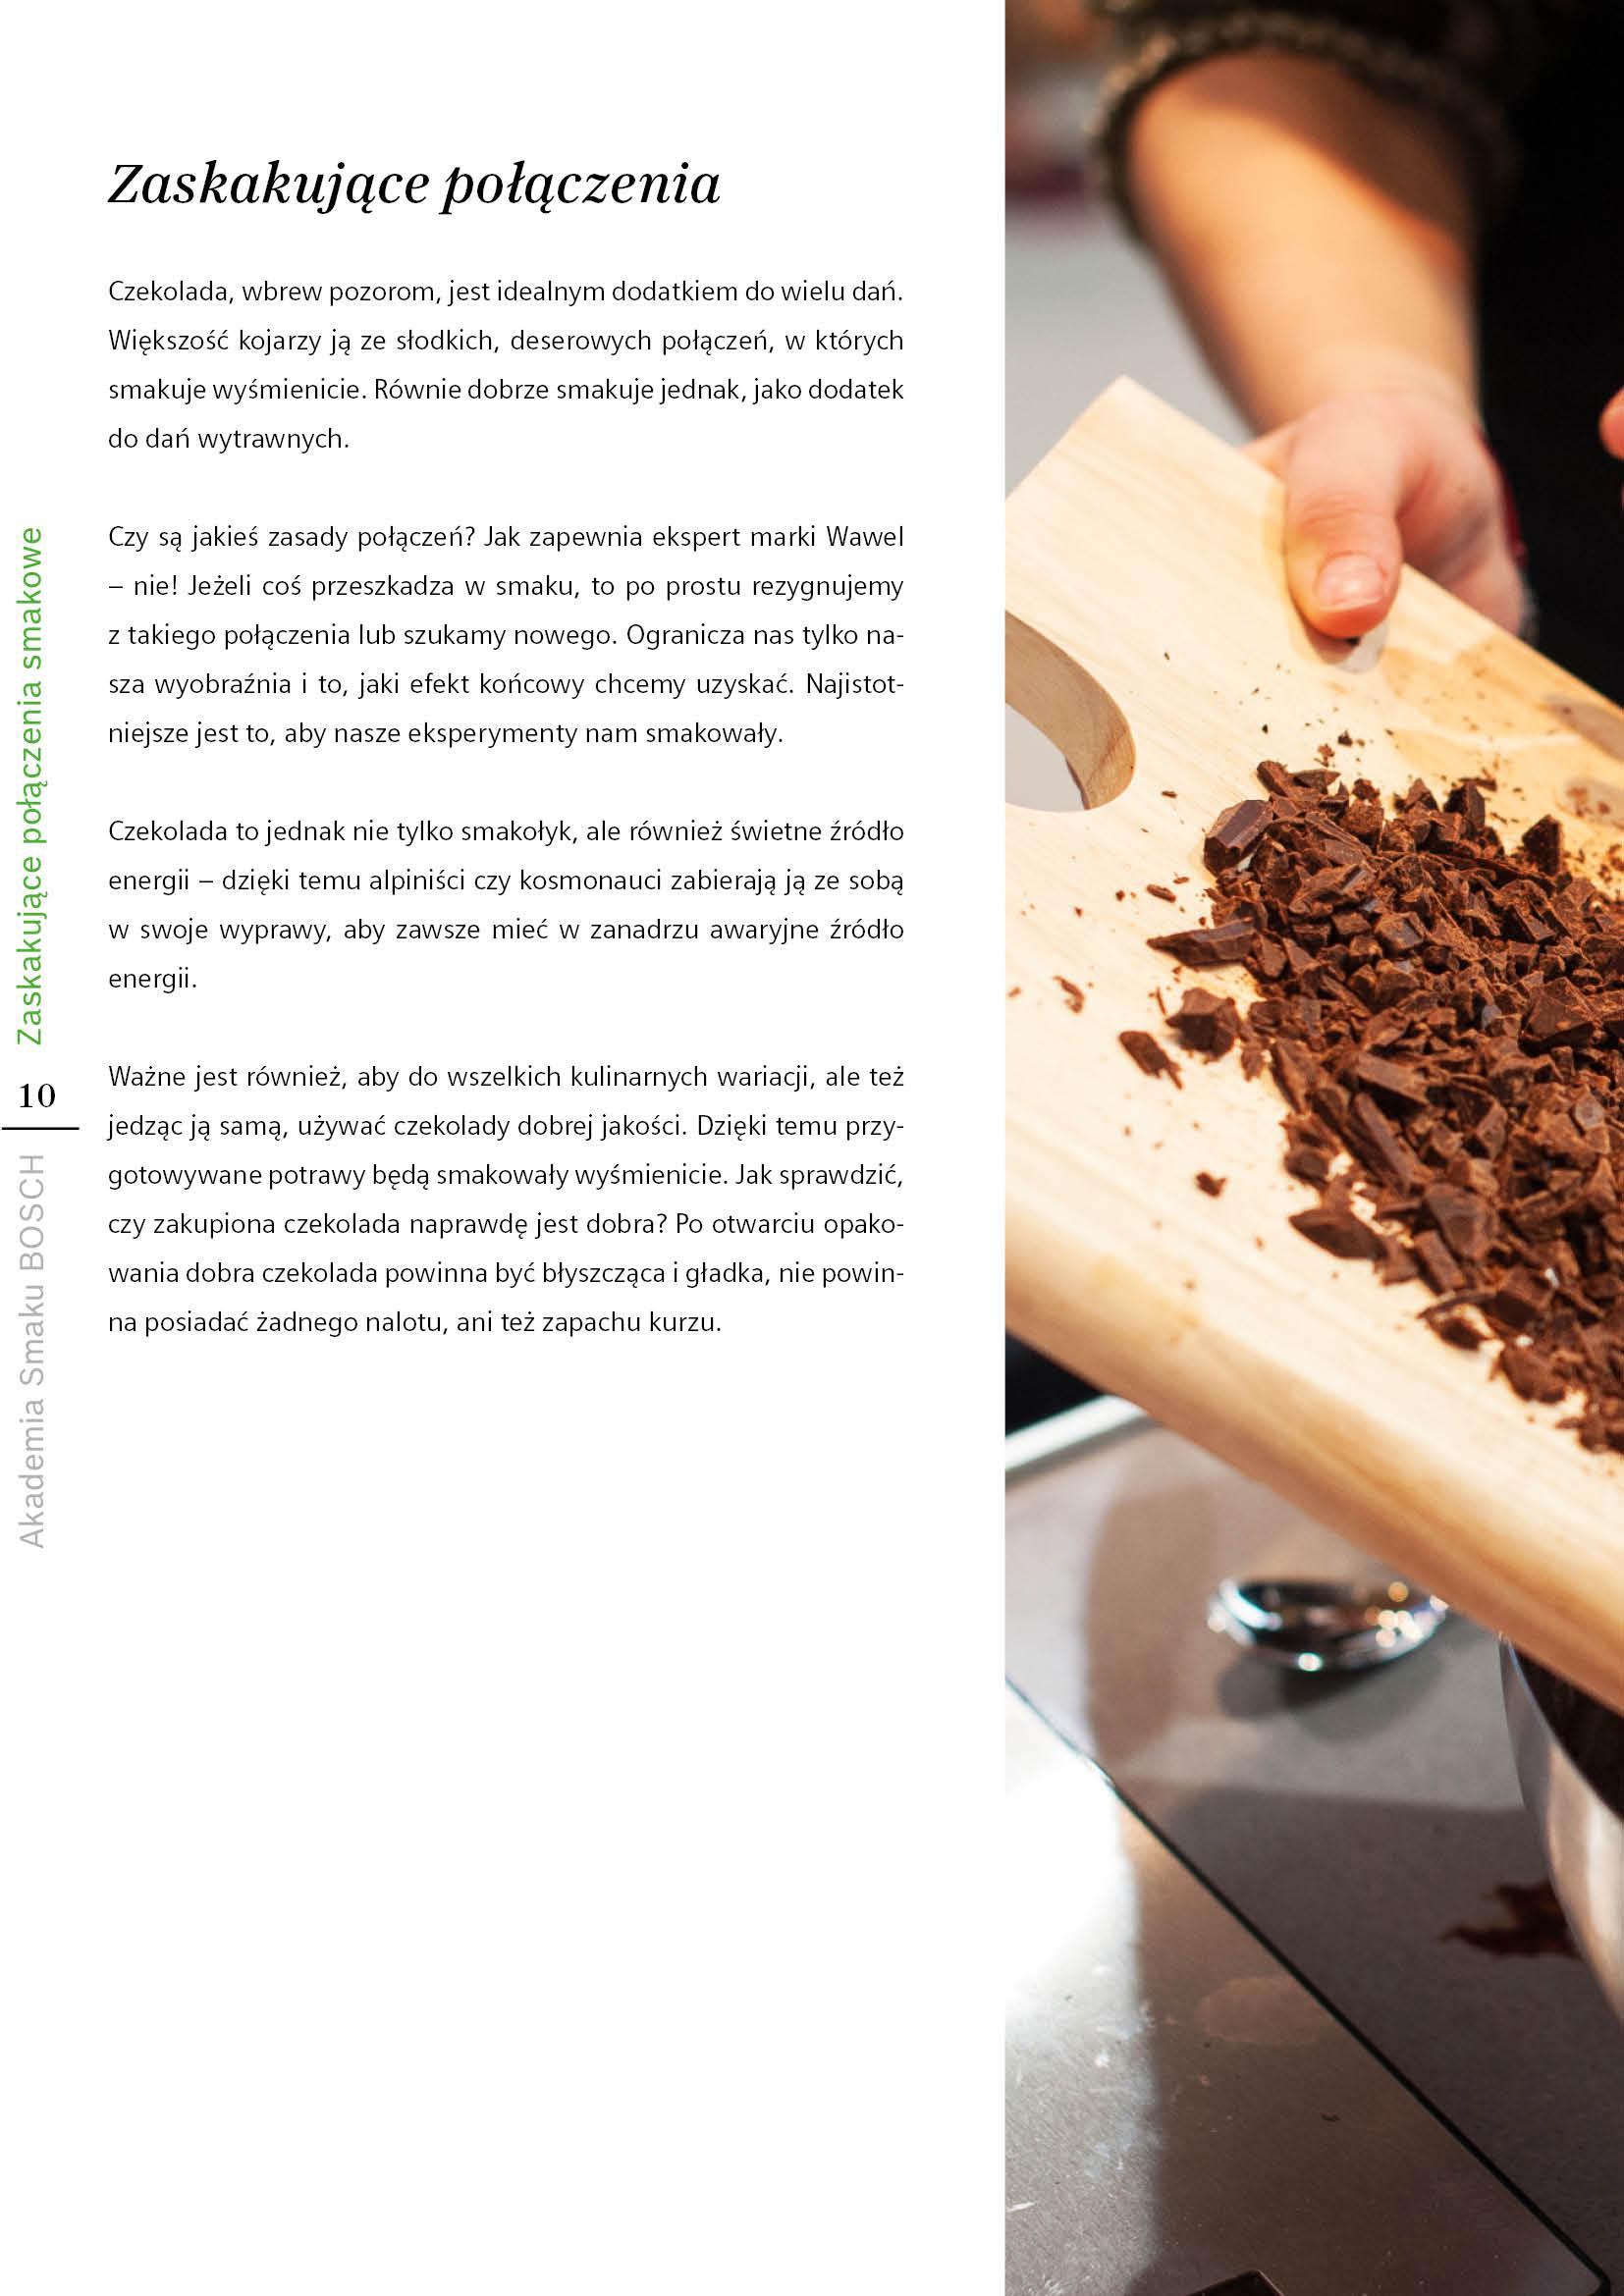 Zaskakujące połączenia smakowe - Strona 10